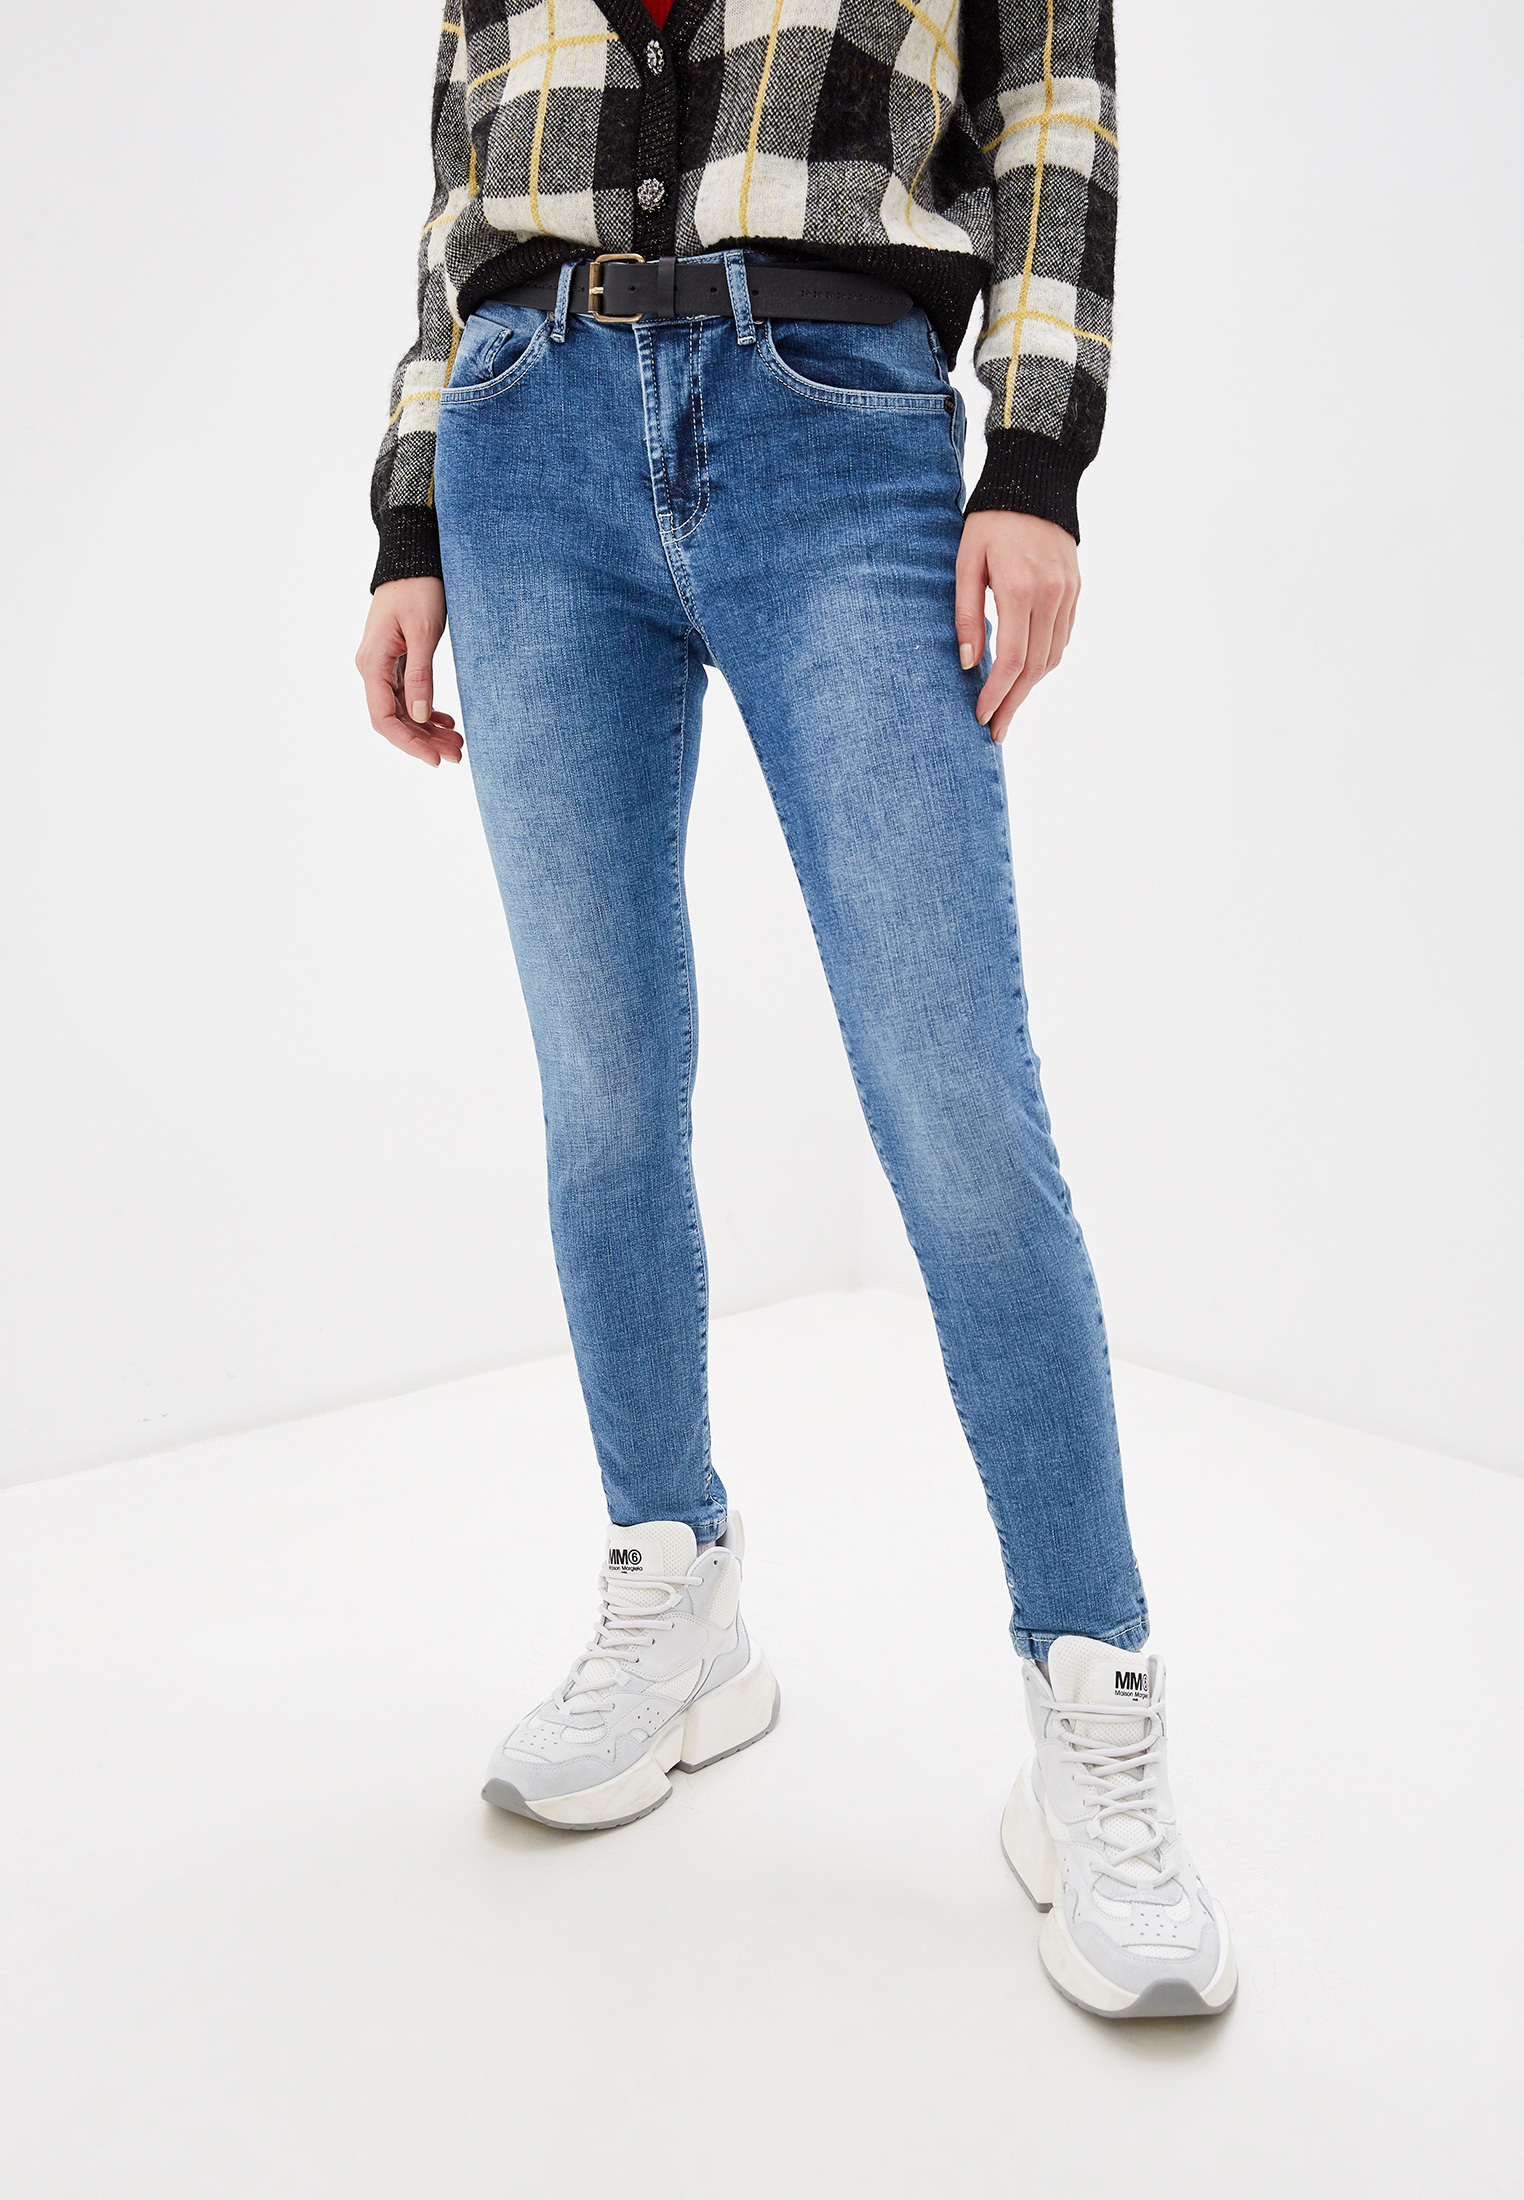 Зауженные джинсы One Teaspoon (Вантиспун) 22274